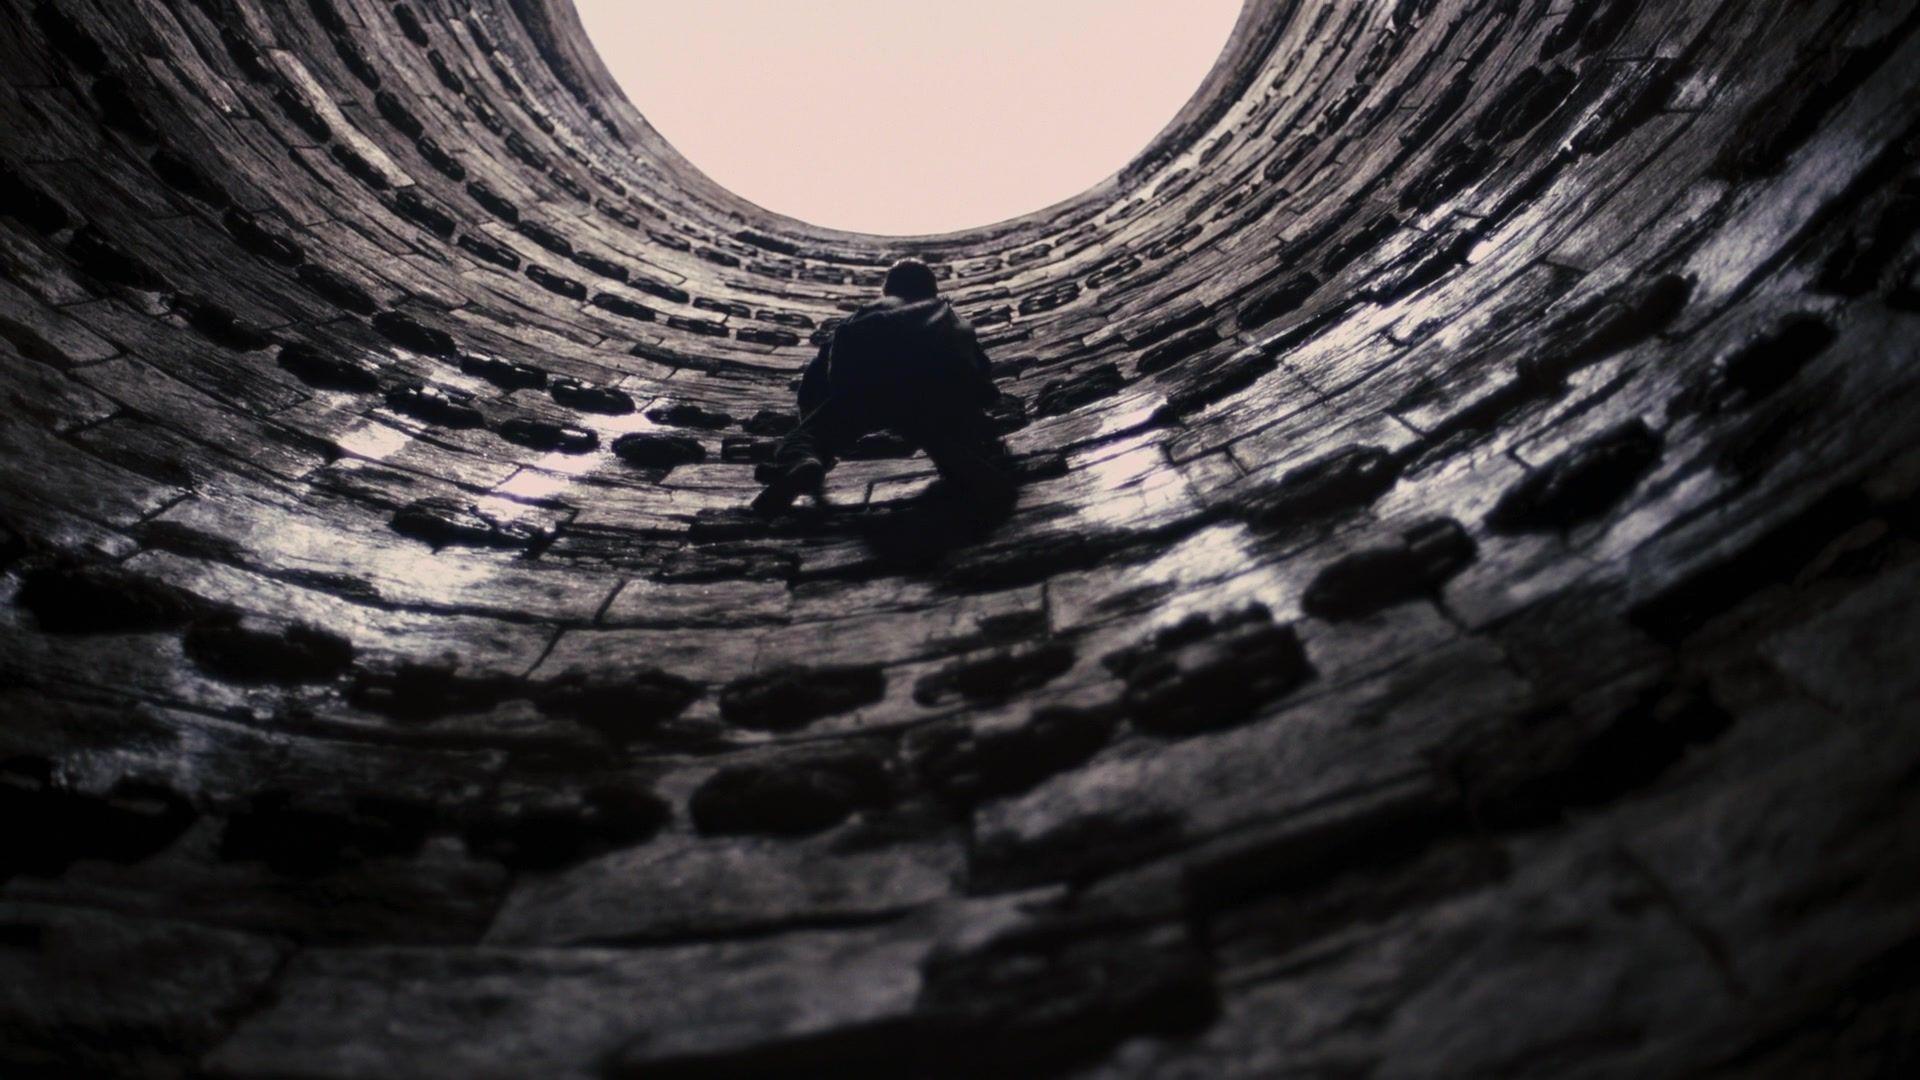 Desi Basara in 2020 | The dark knight rises, Dark knight, Prison escape